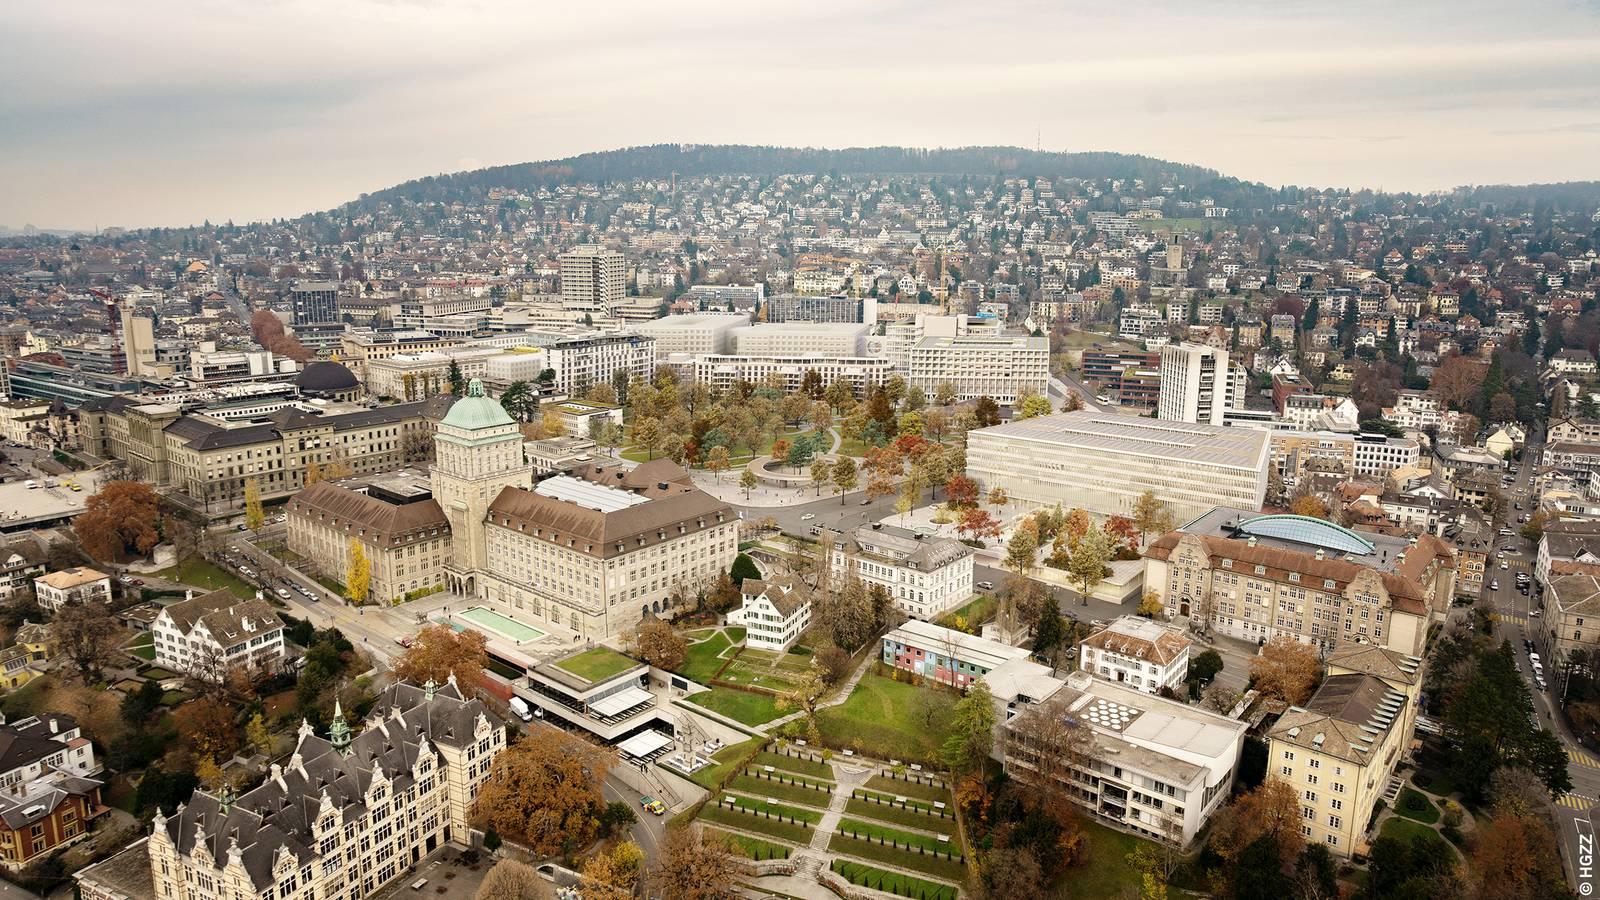 Das neue Hochschulgebiet aus der Vogelperspektive (© HGZZ)